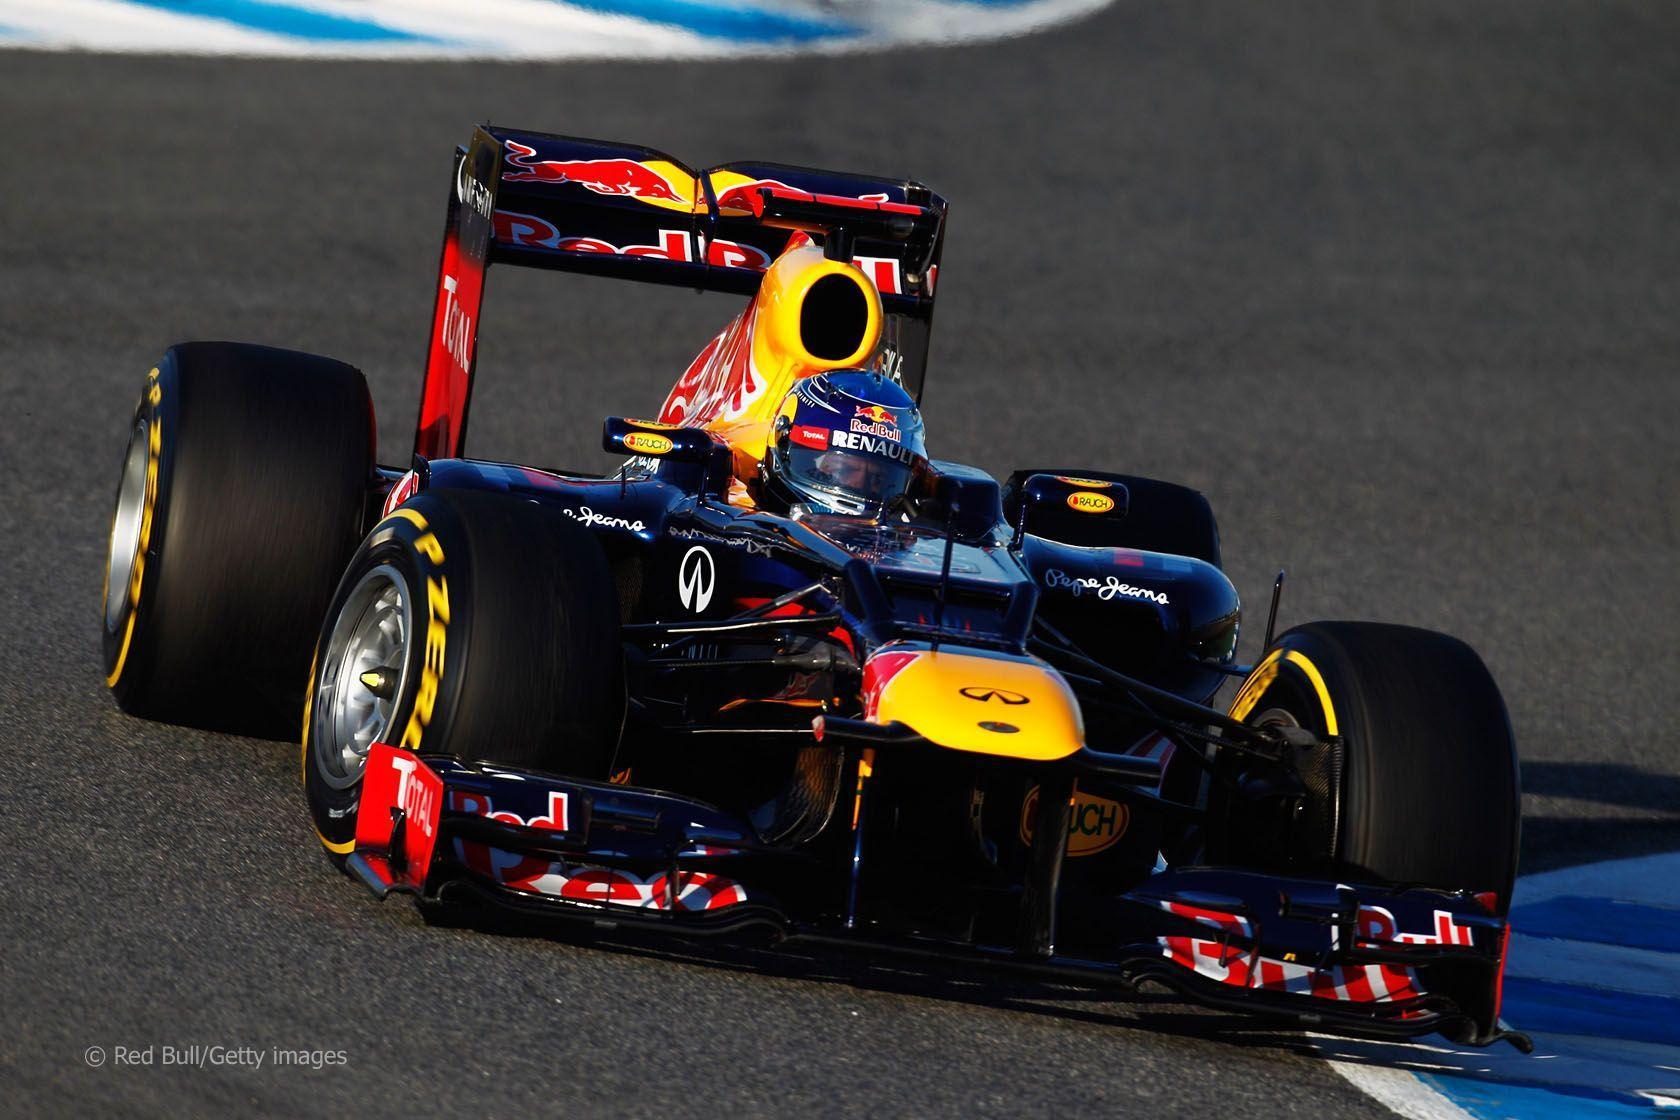 Formula 1 Girl Wallpaper Sebastian Vettel Red Bull Wallpapers 2017 Wallpaper Cave